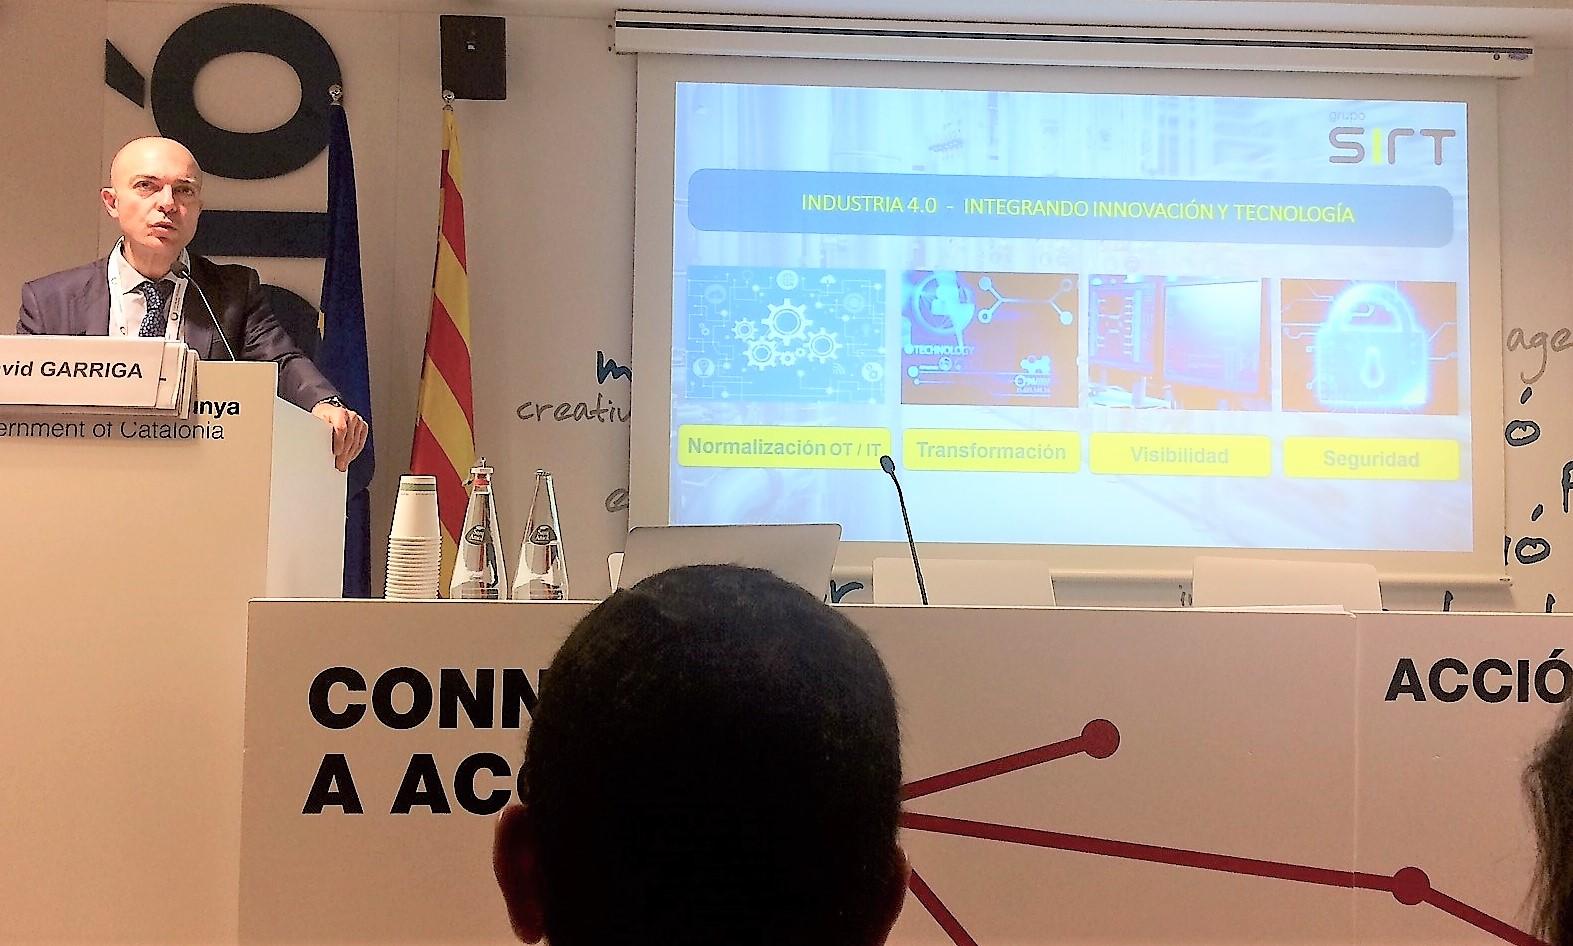 Jornadas ACCIO, SIRT – Soluciones de transformación digital para la Industria 4.0